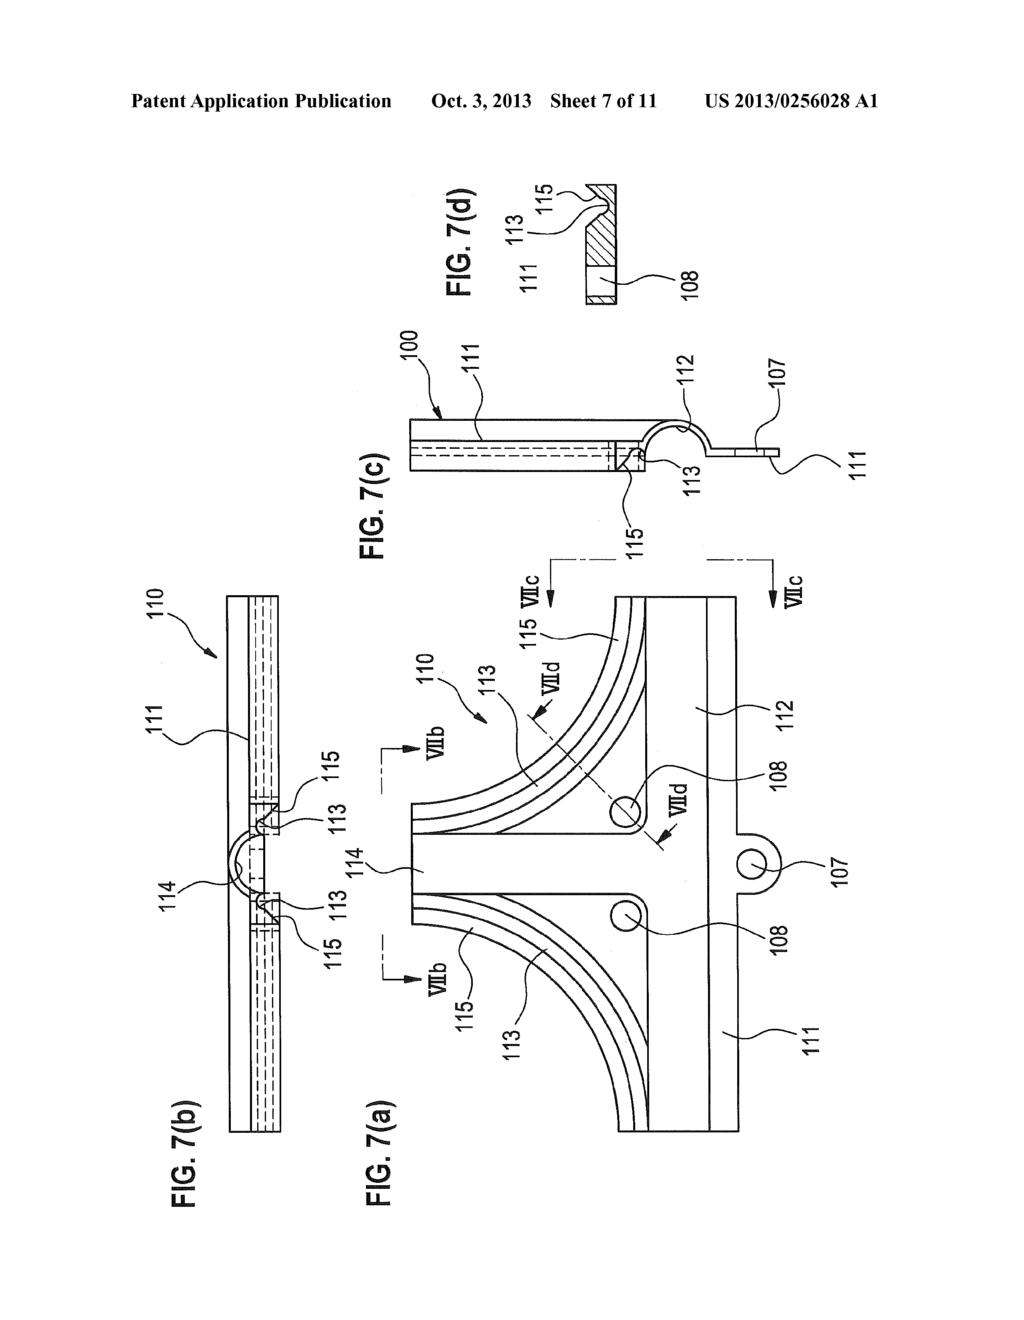 Evcon Dgat070bdd Furnace Wiring Diagram Coleman Mach